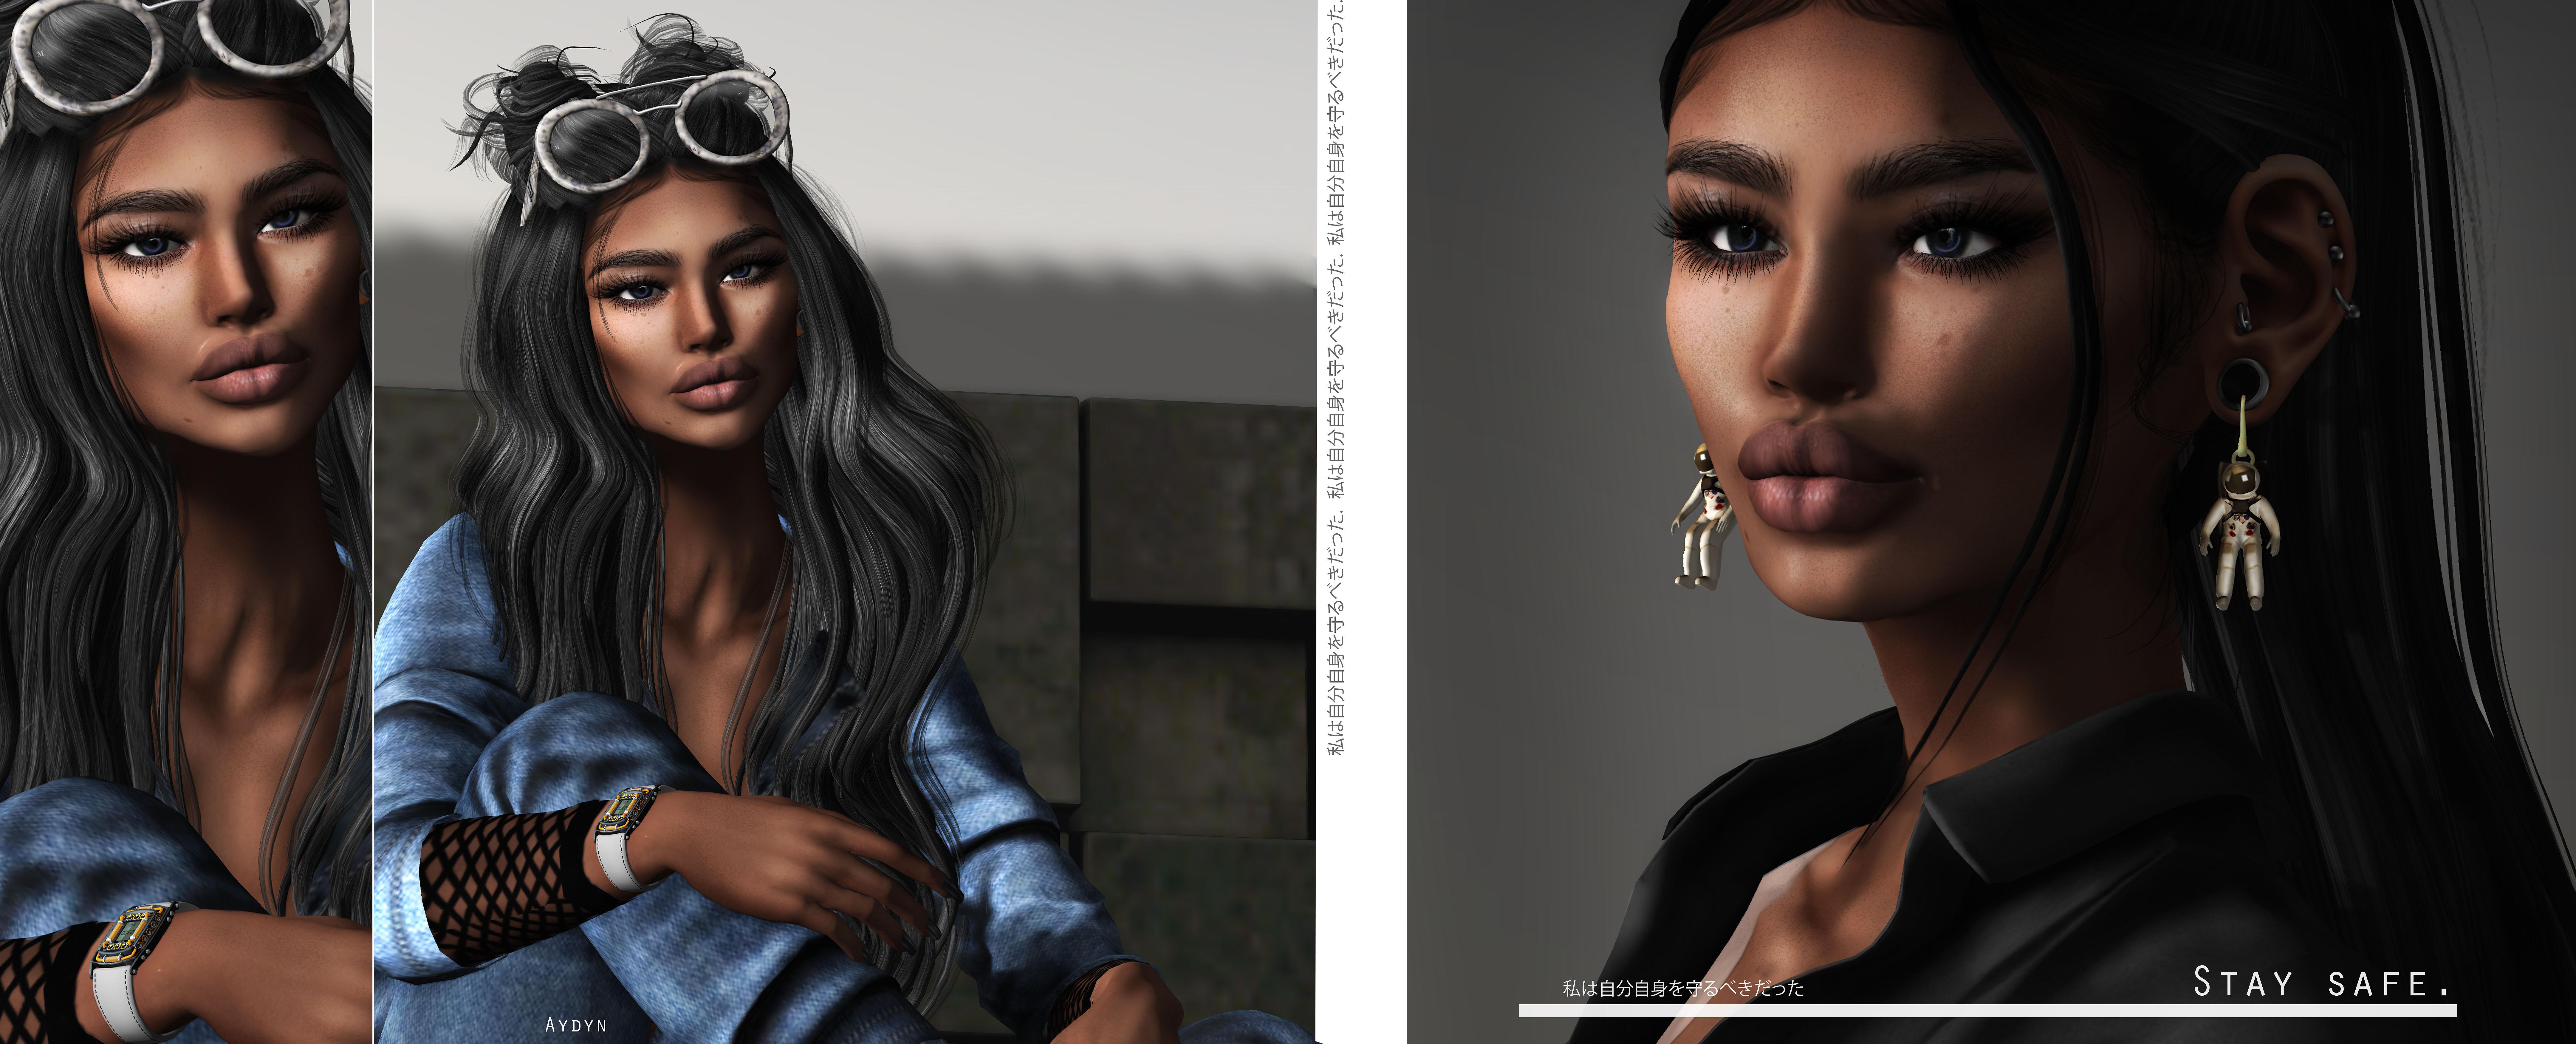 bae2505400 Ingyenes háttérképek : hosszú haj, néz, szemüveg, fekete haj, overall,  farmer, copf, ékszerek, Omega, zsemle, lány, szépség, női, kozmopolita, SL,  ...